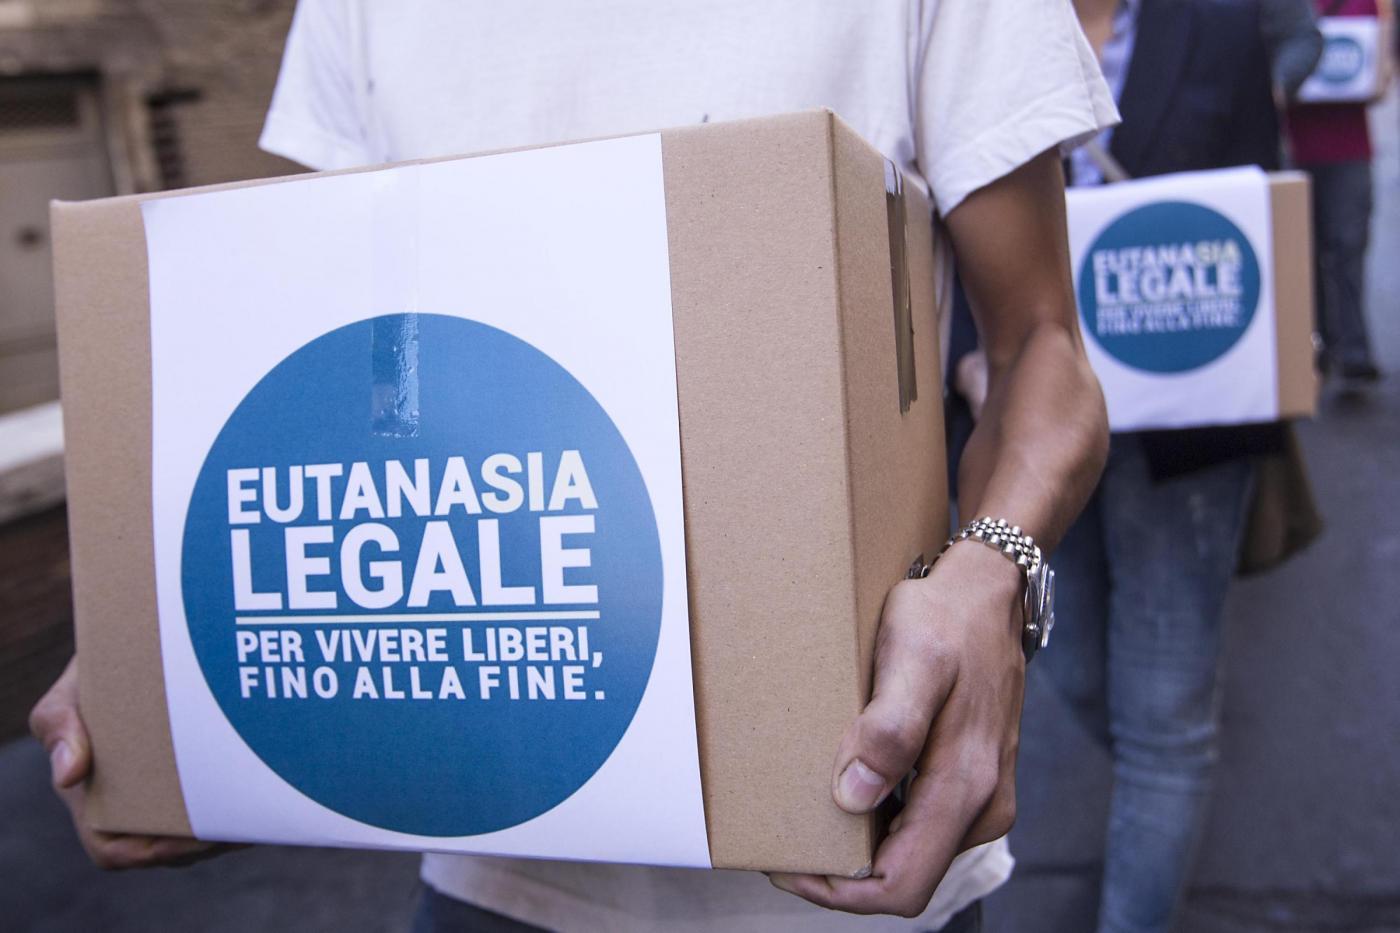 Il Partito Radicale deposita alla Camera le firme per l eutanasia legale